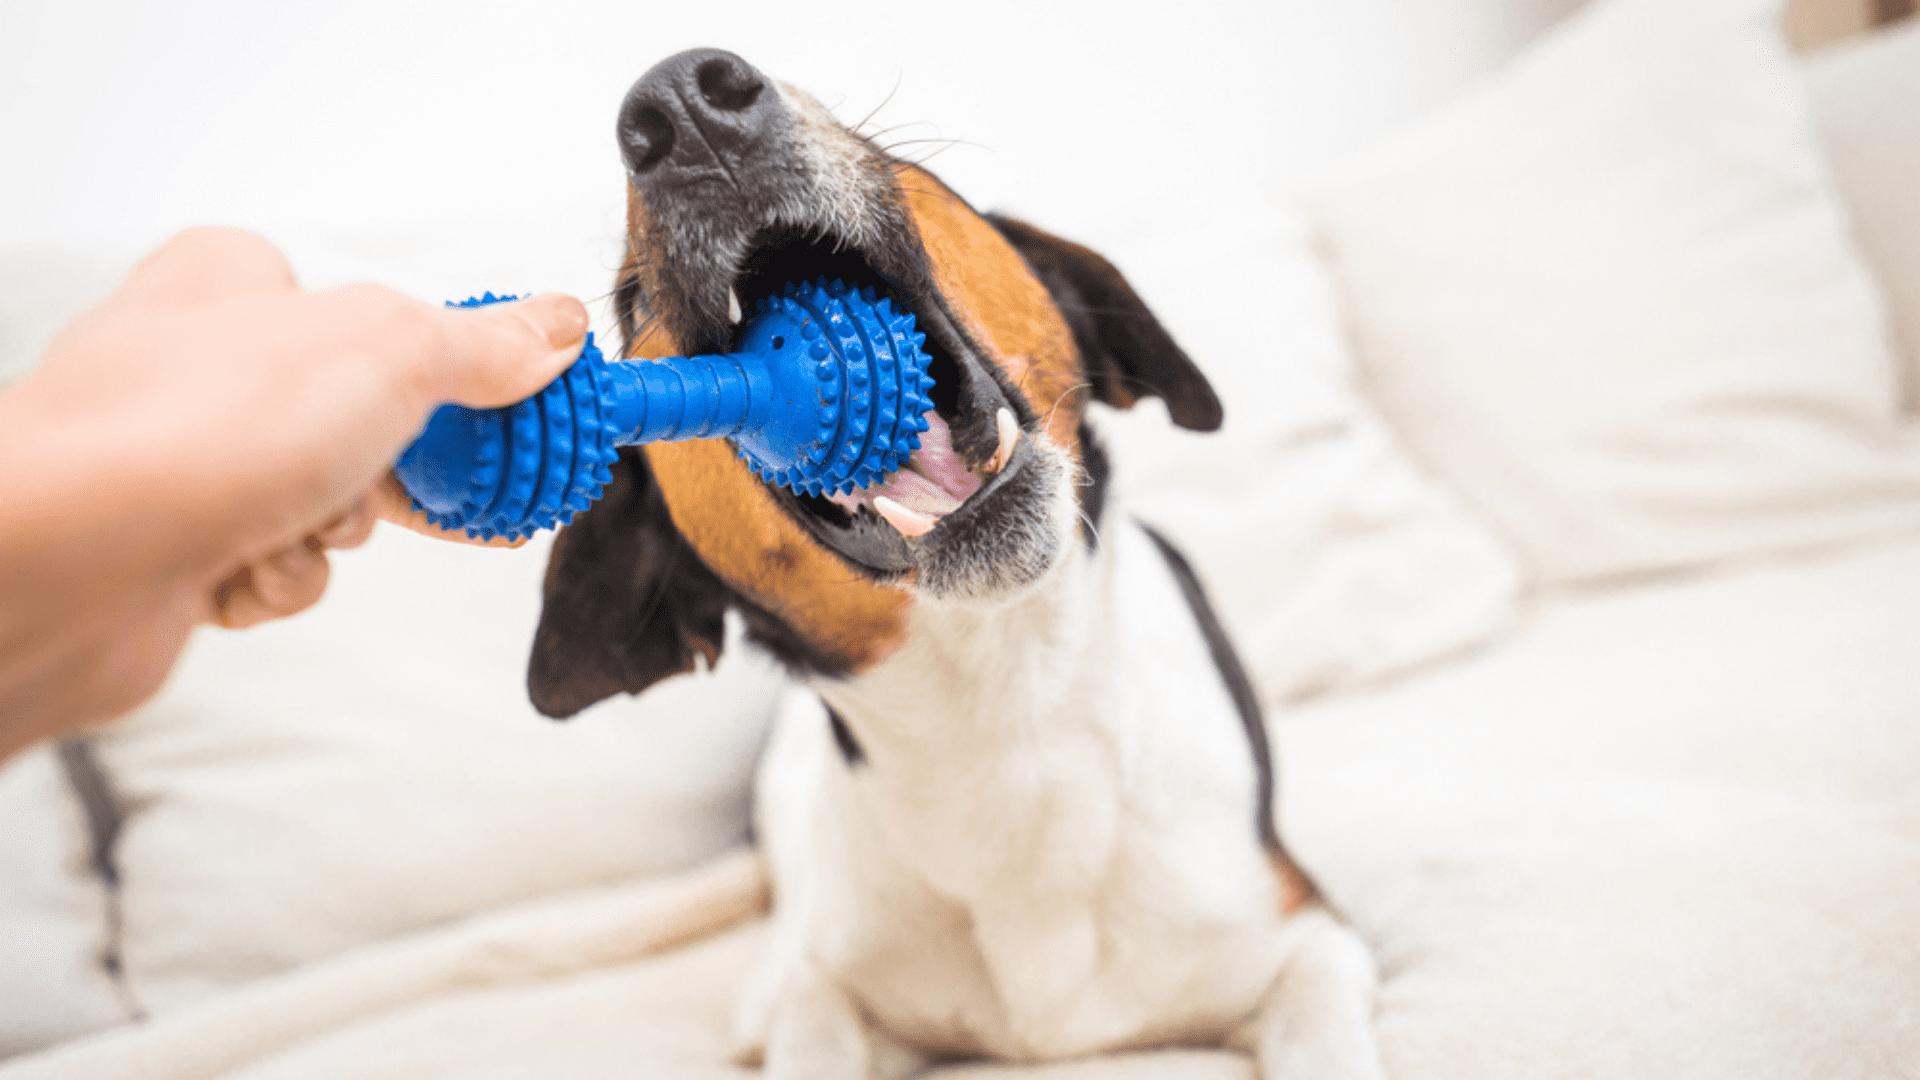 O mordedor para cachorro é um brinquedo de morder com textura diferenciada (Reprodução/Shutterstock)